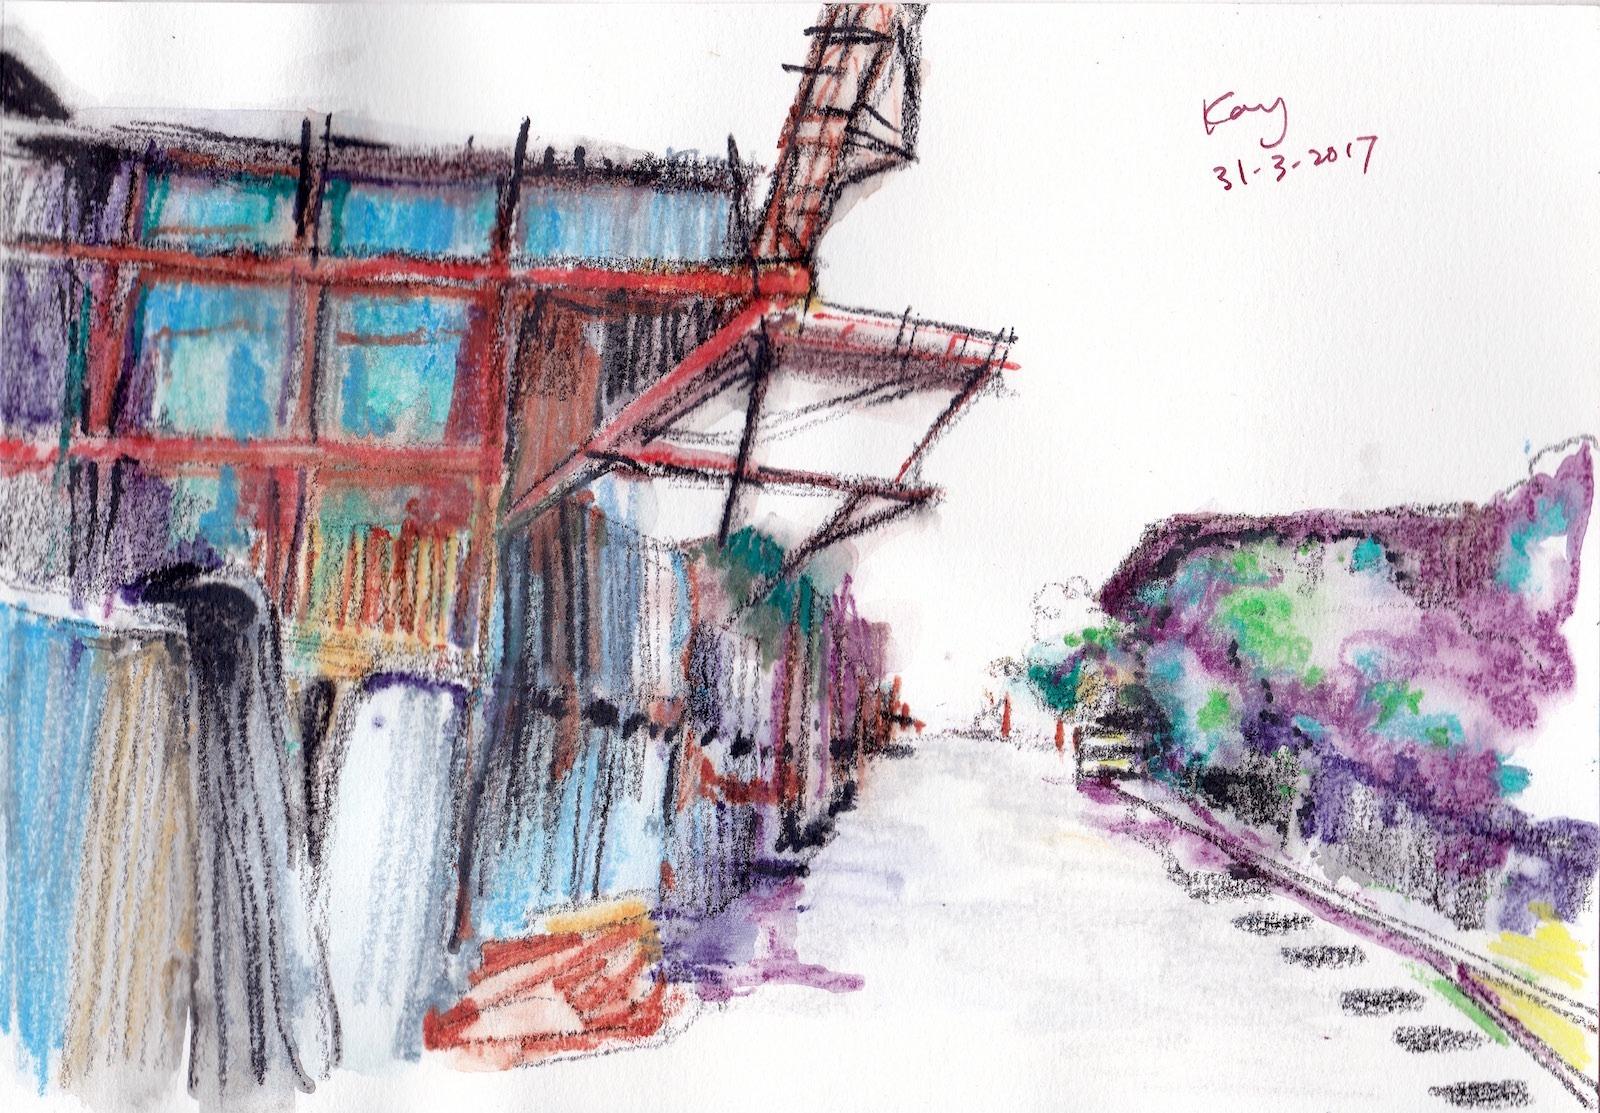 倉庫 3 Color pencils 21cm x 14.8 cm 31-3-2017